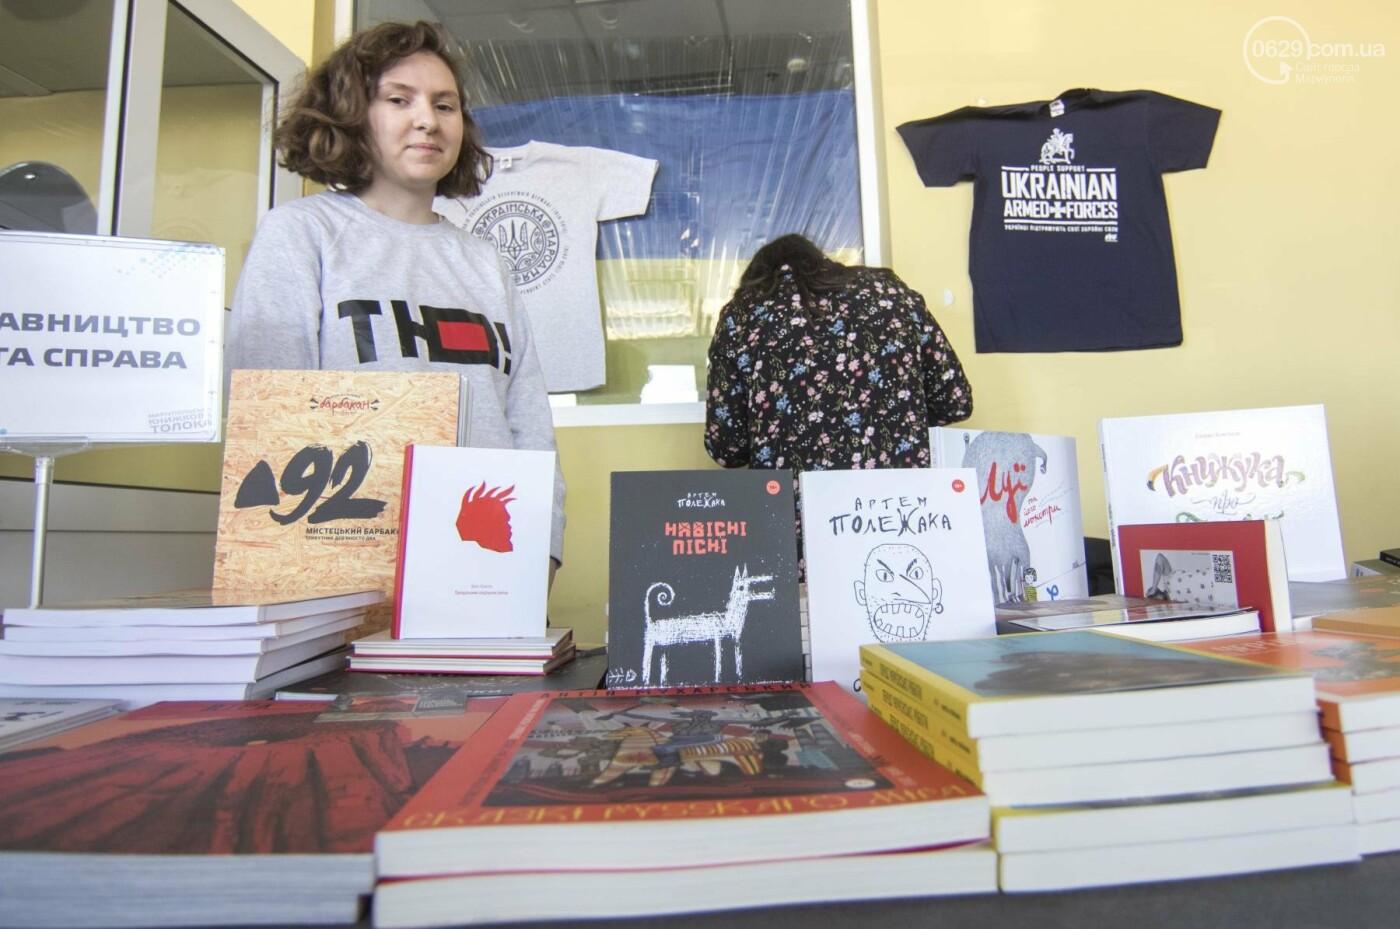 Толклась толока. Фоторепортаж с первого международного книжного фестиваля в Мариуполе (ФОТО+ВИДЕО), фото-4